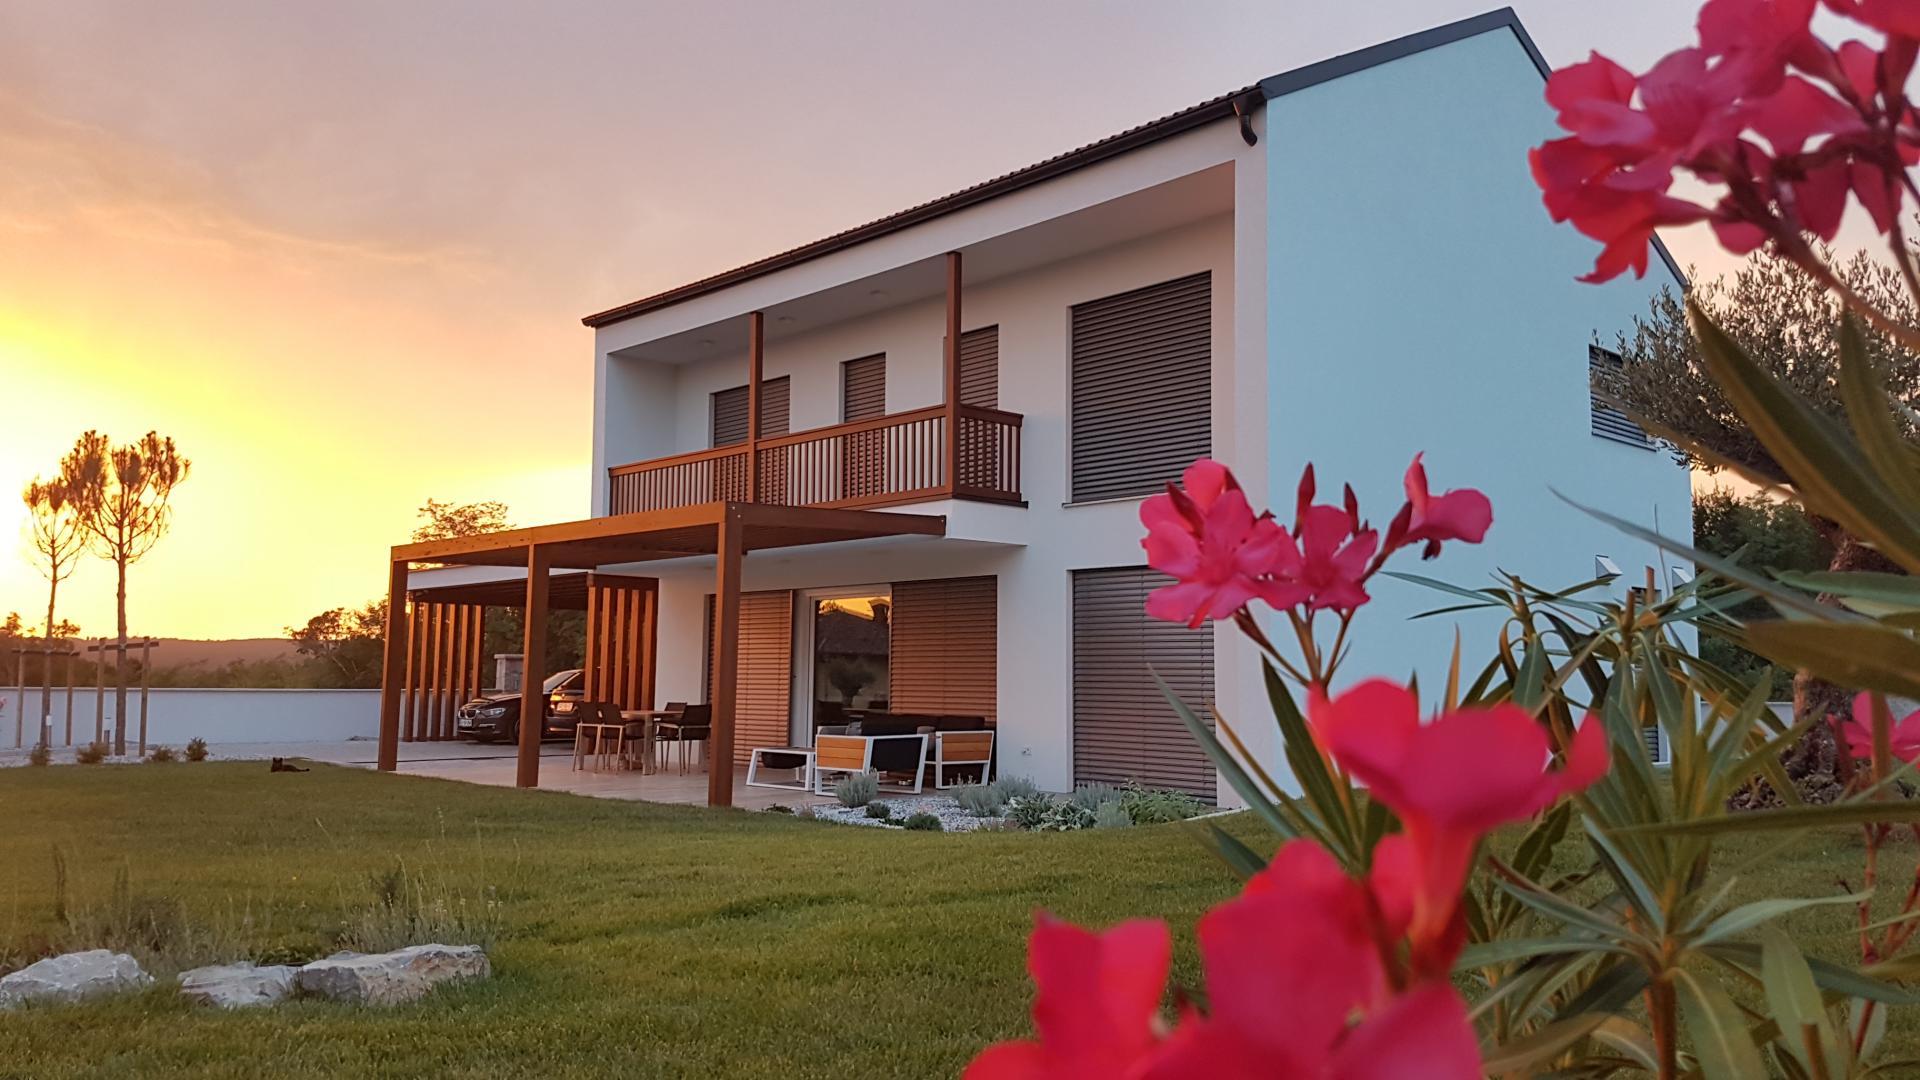 Lumar bo v Opatjem selu predstavil skoraj ničenergijsko hišo Urbano